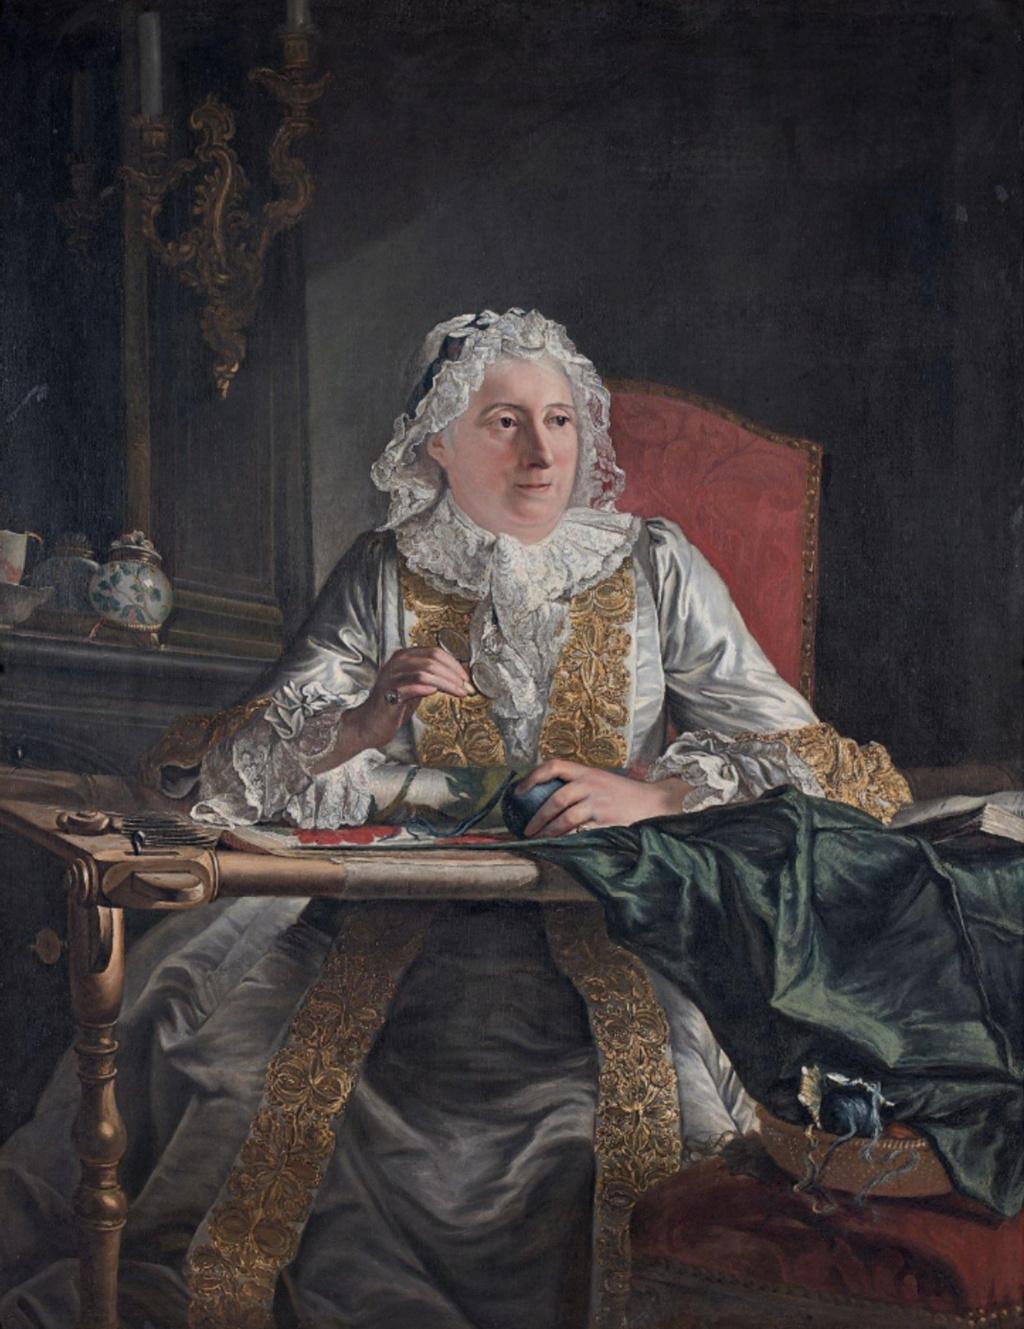 Biographie d'Antoine Crozat, le Français qui possédait l'Amérique. De Pierre Ménard Crozat11